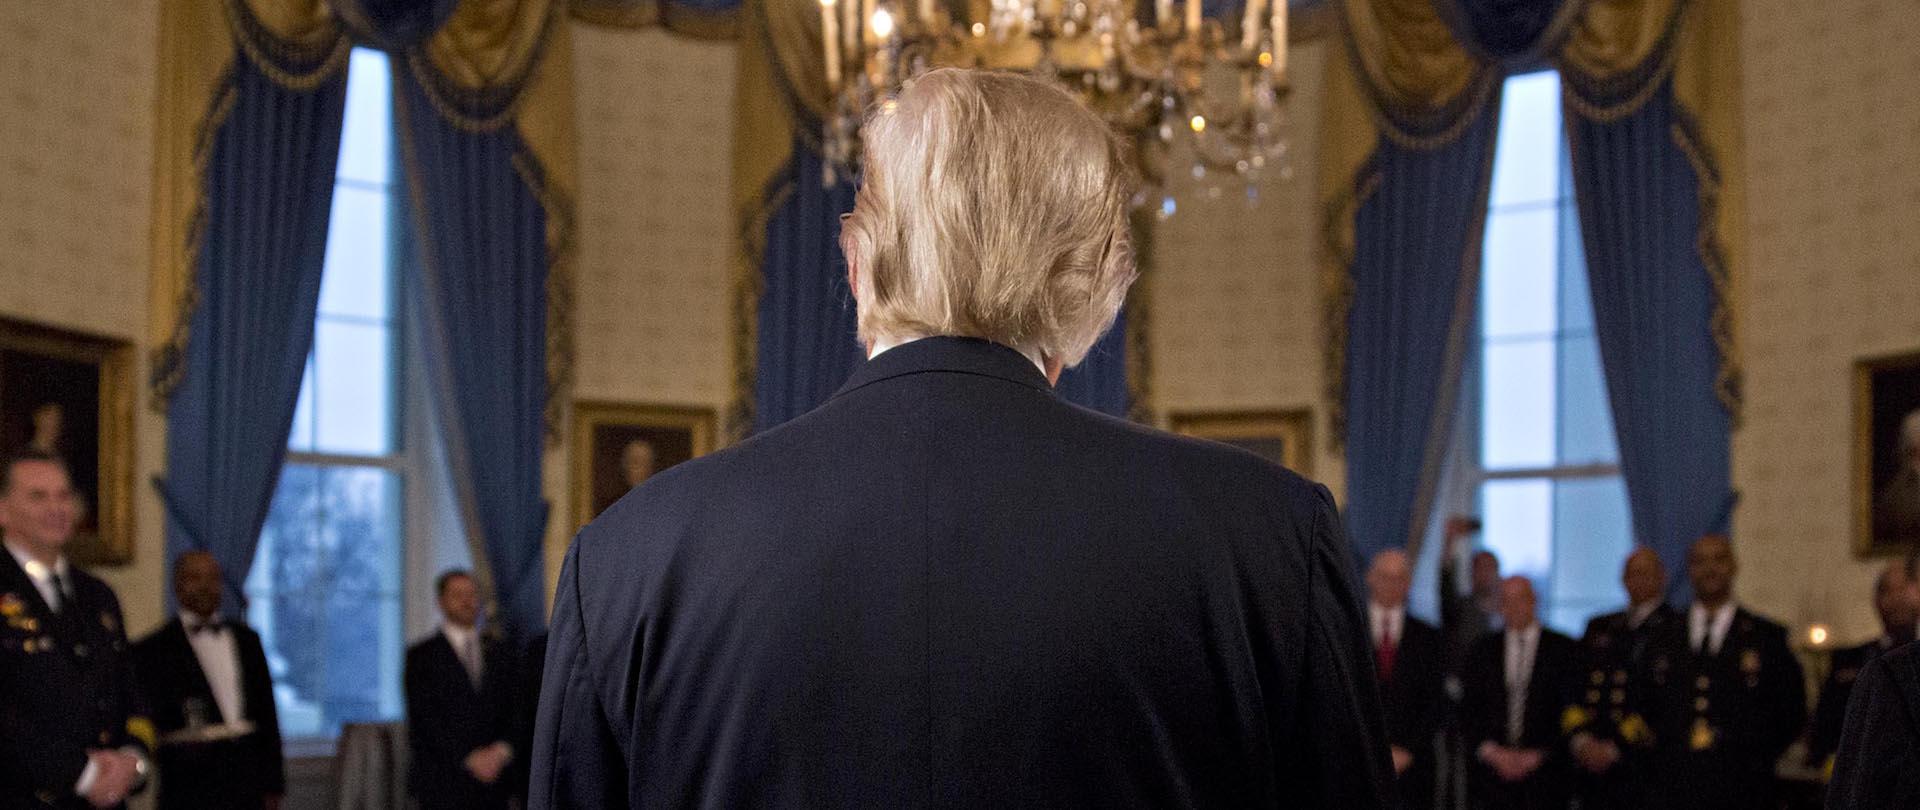 Картинки по запросу трамп вид сзади